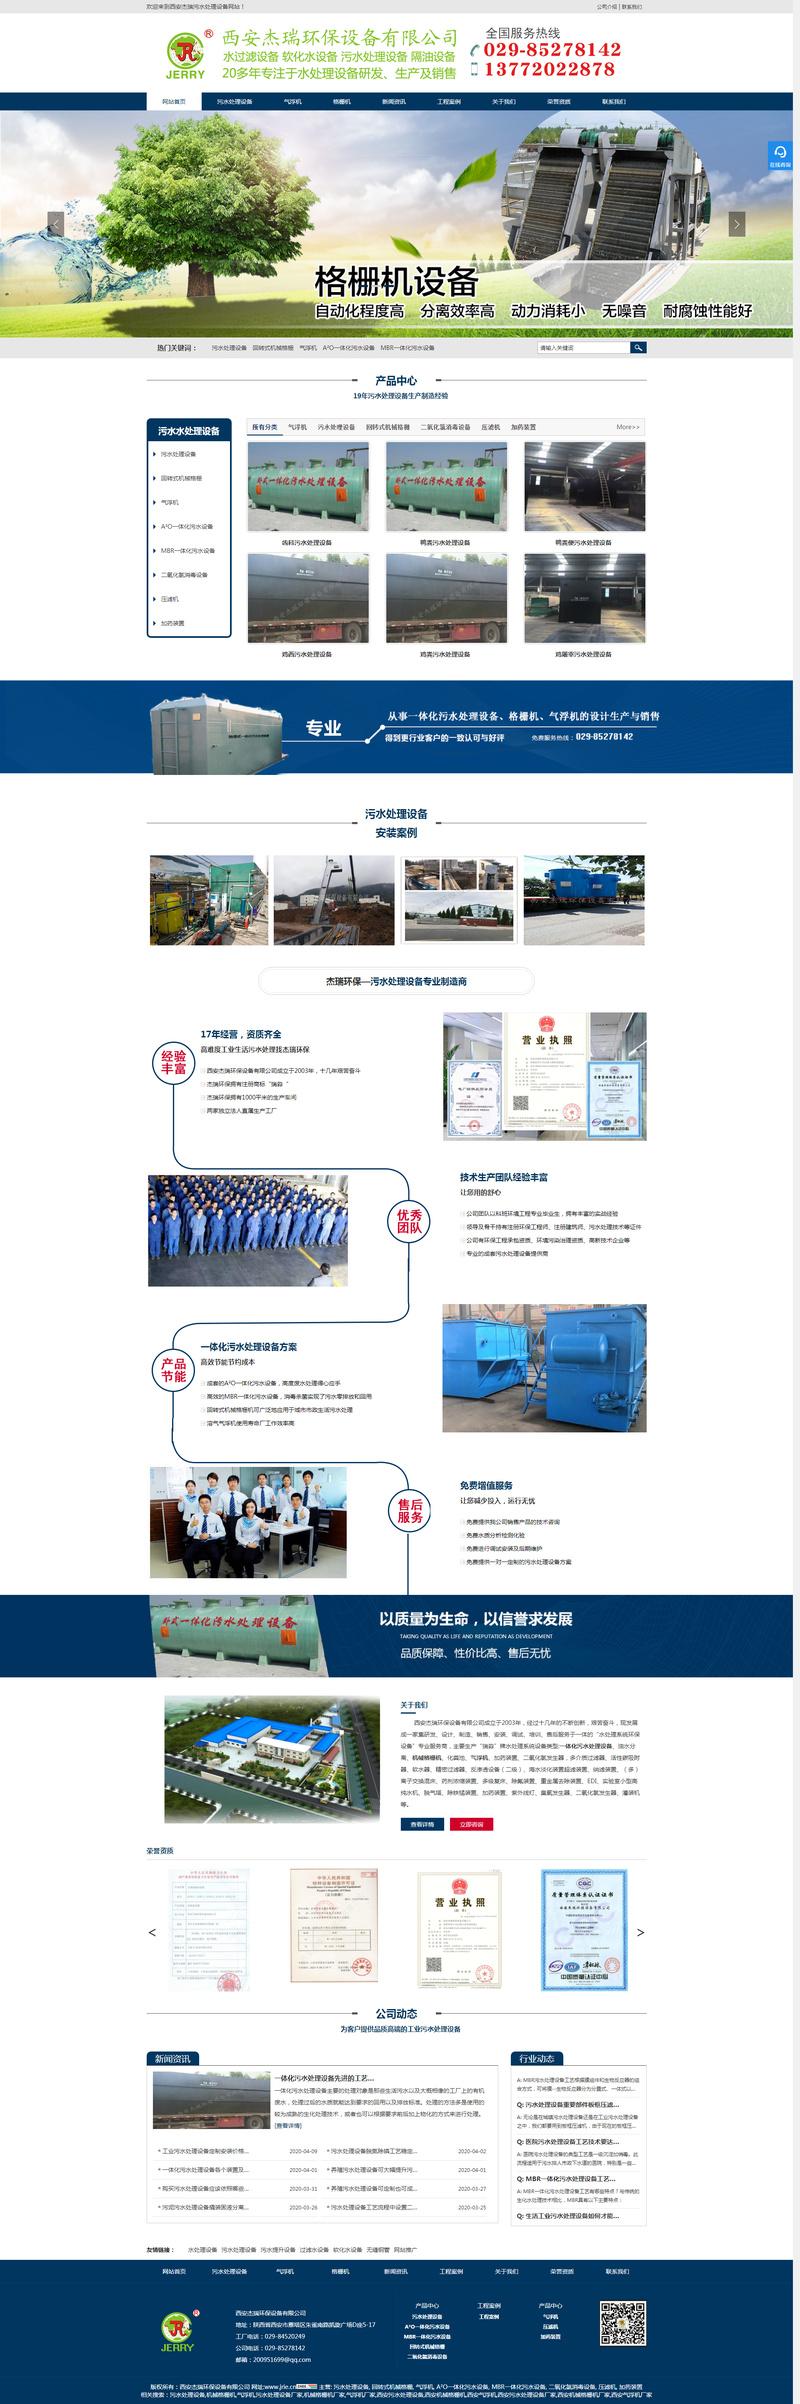 污水處理設備,機械格柵機西安制造廠家杰瑞環保營銷推廣網站上線